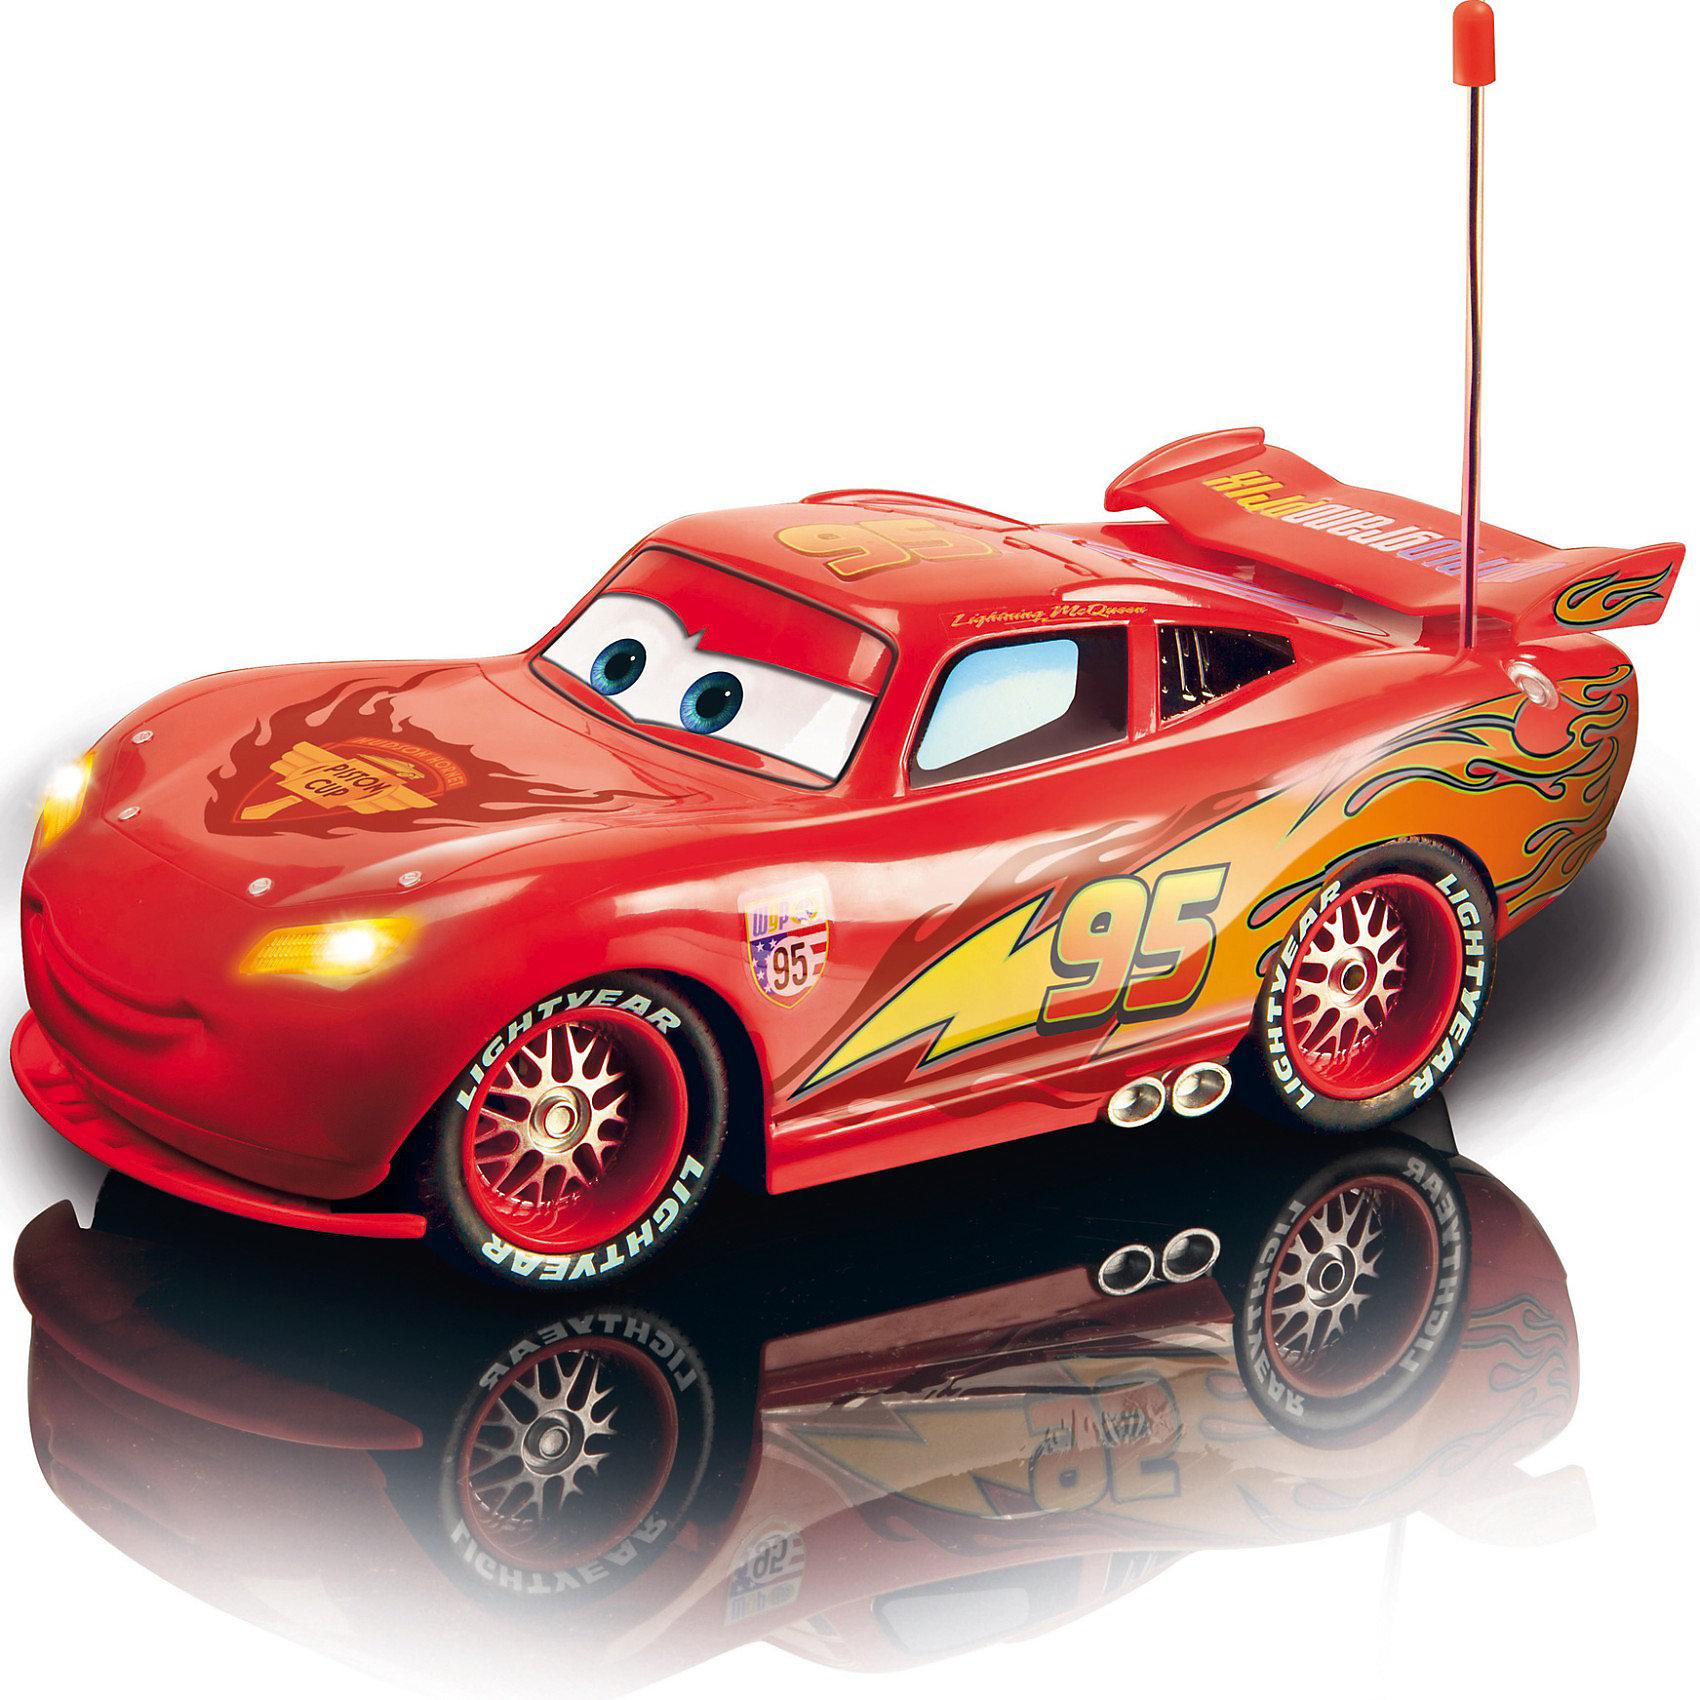 Машинка Молния МакКуин на р/у, Тачки, 35 смDickie Игрушка машина Молния МакКуин на р/у, 1:12, 35 см - многофункциональный автомобиль, оформленный в стиле мультфильма Тачки (Cars)! <br><br>С дистанционным управлением, выполненным в форме руля,  3 каналами управления движением, светом, звуком, тормозами, имитацией работающего двигателя (виброфункция)! <br><br><br>Особенности модели: <br><br>- 7 функций движения (вперед/назад, вправо/влево, ускорение, стоп, вращение на 360 градусов).<br>- Отдельное включение передних и задних фар.<br>- Кольцевая езда.<br>- Торможение.<br>- Покачивание.<br>- Звуковые эффекты<br>- Цифровое управление пропорциональной скоростью.<br>- Скоростной мотор.<br>- Точная настройка управления.<br>- Шикарные резиновые покрышки, пятое колесо сзади (для кольцевой езды).<br><br><br>Управление с пульта: <br><br>- 2 джойстика (вправо/влево и вперед/назад), Чем больше отклонять, тем быстрее едет машинка<br>- для кольцевой езды нужно поворачивать сам пульт в одну или другую сторону!<br>- 5 свето-звуковых кнопок: включение передних и задних фар, включение кольцевое езды, торможение, покачивание.<br>– готовность к старту, выключение звуковых эффектов. <br><br>Дополнительная информация:<br><br>- В комплекте: машинка Молния МакКуин; пульт дистанционного управления; инструкция на русском языке. <br>- Материал: пластмасса.<br>- Масштаб: 1:12.<br>- Работа на 2х частотах: 27 или 40 МГц. ( к сожалени<br>- Батарейки 3хАА – для пульта, 8хАА – для машинки (в комплект не входят). <br>- Размер игрушки, д х ш х в: машинка – 35 х17х11h см, пульт – 16х14х6 см. <br>- Размер упаковки: 50х24х20 см. <br>- Вес с упаковкой: 1,8 кг. <br><br>Отличный подарок для вашего ребенка, который позволит ему почувствовать себя настоящим водителем! Увлекательная игрушка, способствующая развитию воображения , моторики и ловкости ребенка.<br><br>Ширина мм: 500<br>Глубина мм: 242<br>Высота мм: 201<br>Вес г: 1747<br>Возраст от месяцев: 72<br>Возраст до месяцев: 1164<br>Пол: Мужской<br>Возраст: 